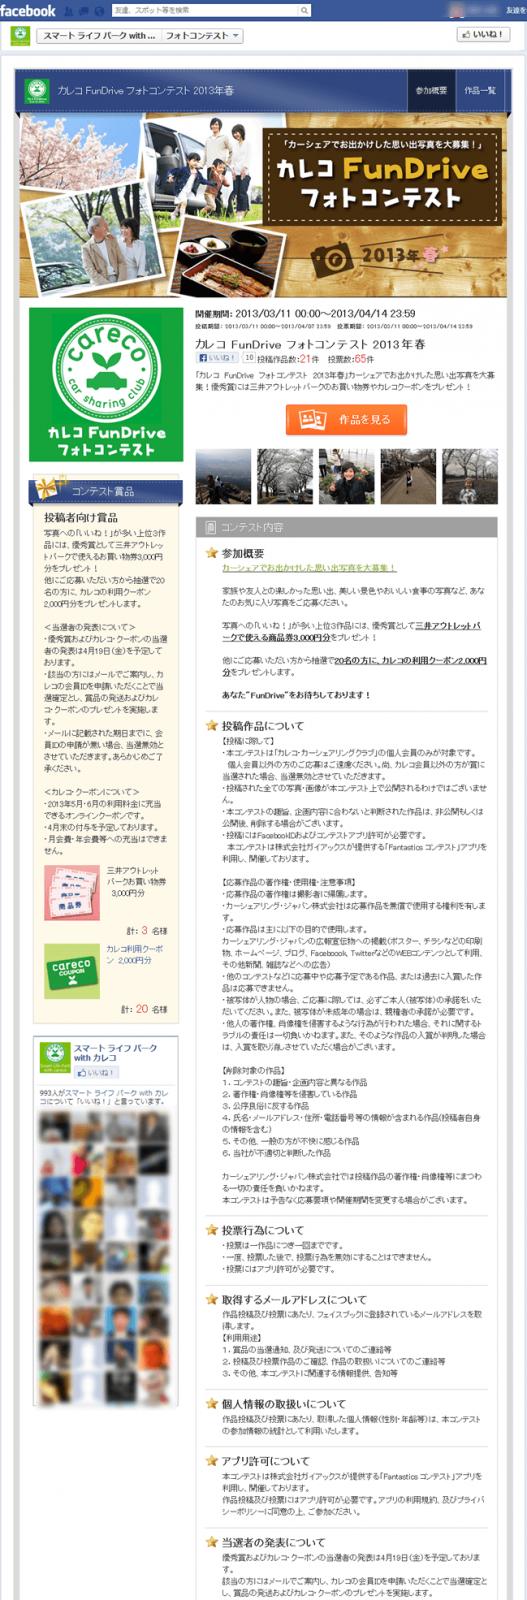 Fantastics 投稿&投票コンテスト(カレコ・カーシェアリングクラブ様)